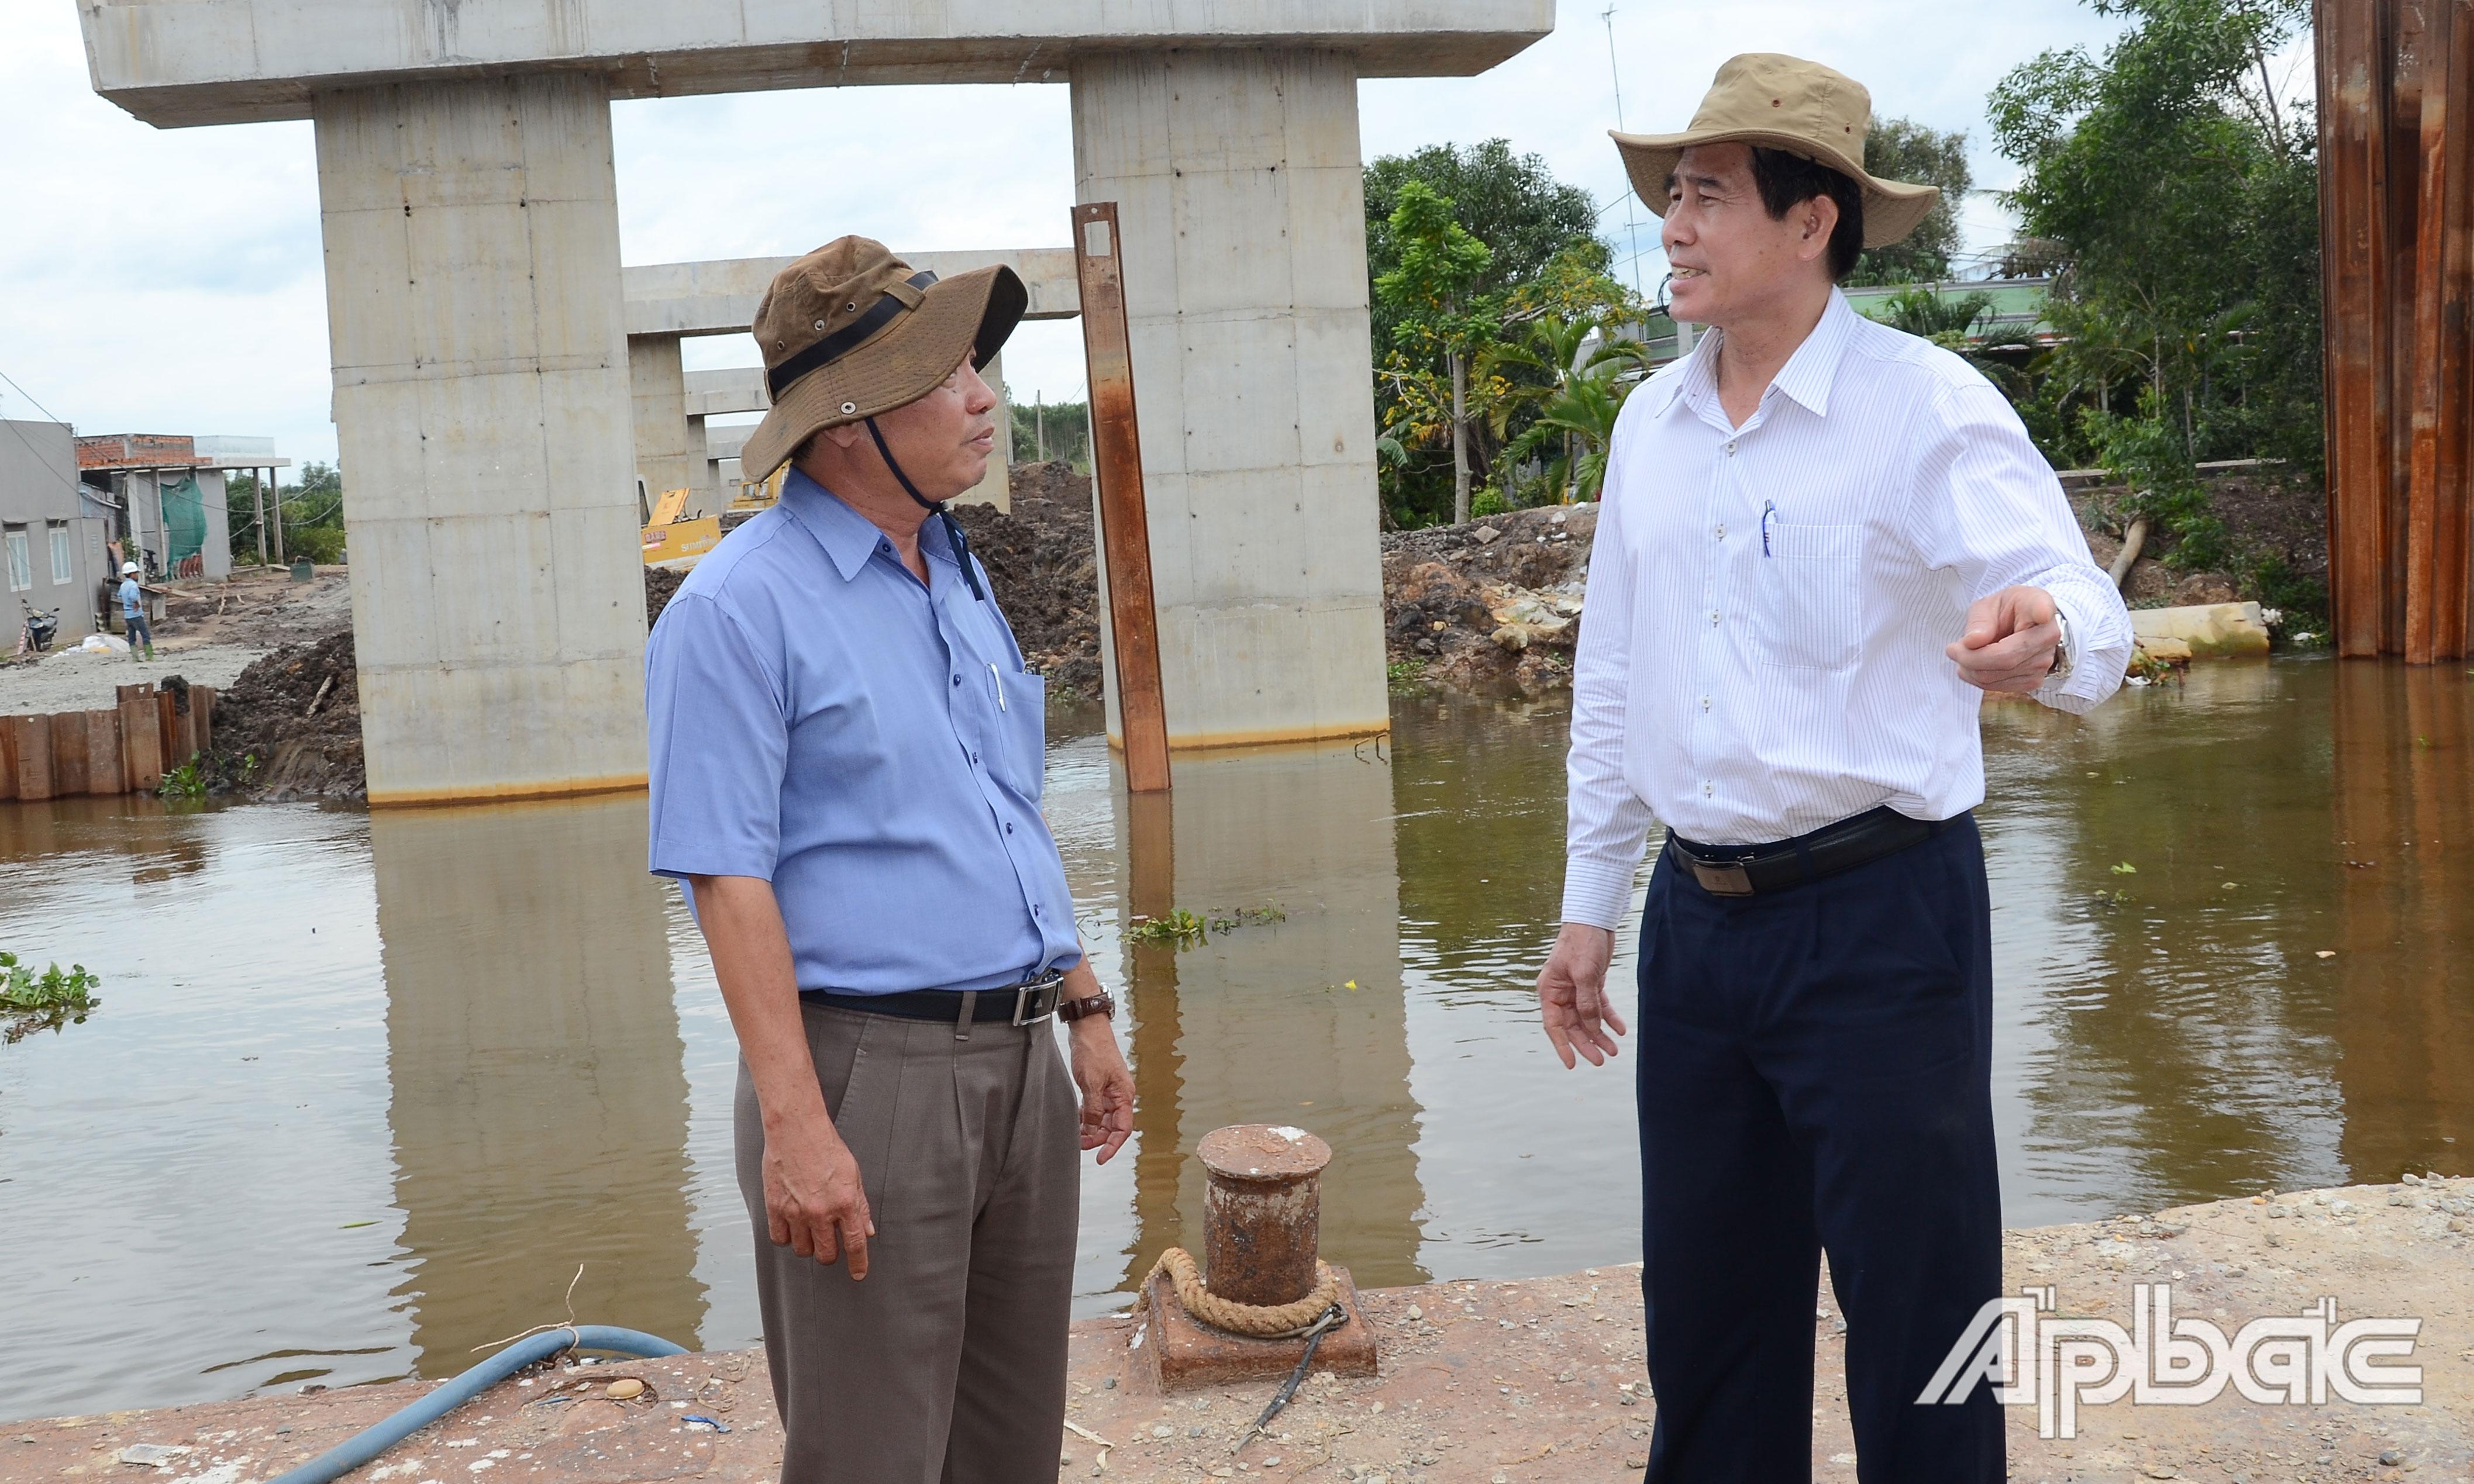 Đồng chí Lê Văn Hưởng kiểm tra tiến độ cầu Nguyễn Văn Tiếp.